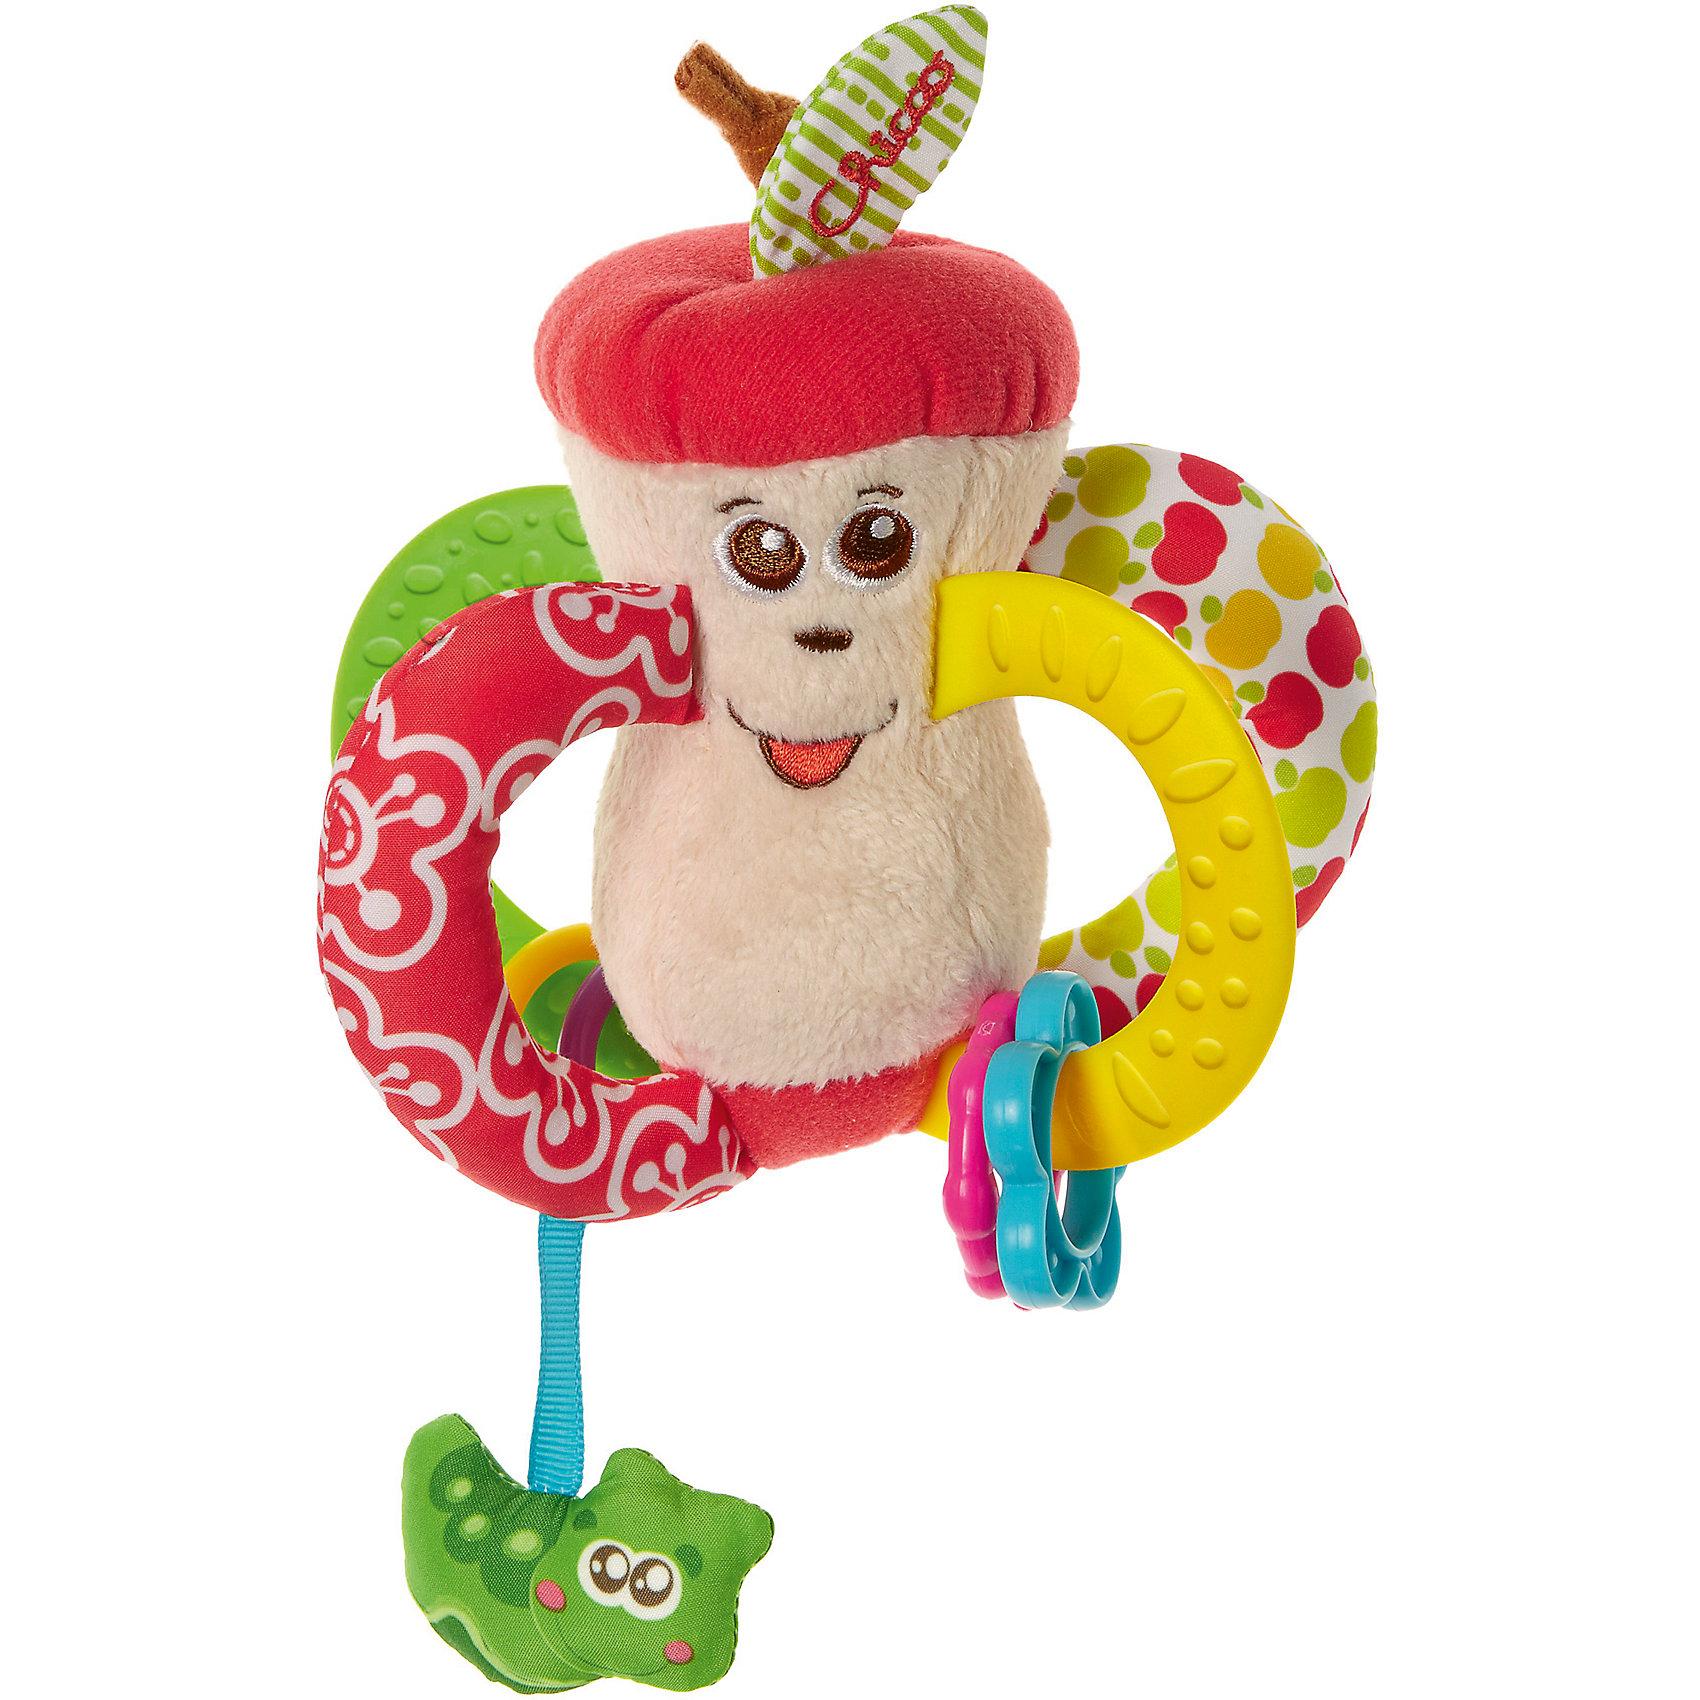 Погремушка Вкусное яблочко, CHICCOПогремушки<br>Погремушка Вкусное яблочко, CHICCO (ЧИКО) – это мягкая развивающая игрушка для малыша.<br>Разноцветная погремушка Вкусное яблочко от Chicco (Чико) идеально подходит для развития малышей с самого раннего возраста. Игрушка прекрасно развивают тактильные ощущения, осязание и мелкую моторику малыша. Четыре ручки-колечка удобны для захвата маленькой детской ручкой. Две ручки-колечка сшиты из тканей разной плотности и фактур. Две другие выполнены из ультрамягкого пластика с выпуклыми узорами, и могут быть использованы малышом в качестве прорезывателей. На ручки-прорезыватели нанизаны пластиковые колечки различных форм и цветов, передвигая которые малыш развивает координацию движений. А при встряхивании игрушки, колечки издают забавный звук погремушки. Снизу к яблочку присоединена небольшая забавная гусеница на ленте, наблюдая за которой и пытаясь схватить ее, малыш развивает зрительные навыки и хватательные рефлексы. Сверху у яблочка забавный листочек, который издает шуршащие звуки, тем самым развивая у малыша слуховые навыки.<br><br>Дополнительная информация:<br><br>- Материал: пластик, велюр, яркая ткань с принтом<br>- Размер упаковки: 189х143х70 мм.<br>- Вес: 95 гр.<br><br>Погремушку Вкусное яблочко, CHICCO (ЧИКО) можно купить в нашем интернет-магазине.<br><br>Ширина мм: 189<br>Глубина мм: 143<br>Высота мм: 70<br>Вес г: 95<br>Возраст от месяцев: 3<br>Возраст до месяцев: 24<br>Пол: Унисекс<br>Возраст: Детский<br>SKU: 4577226